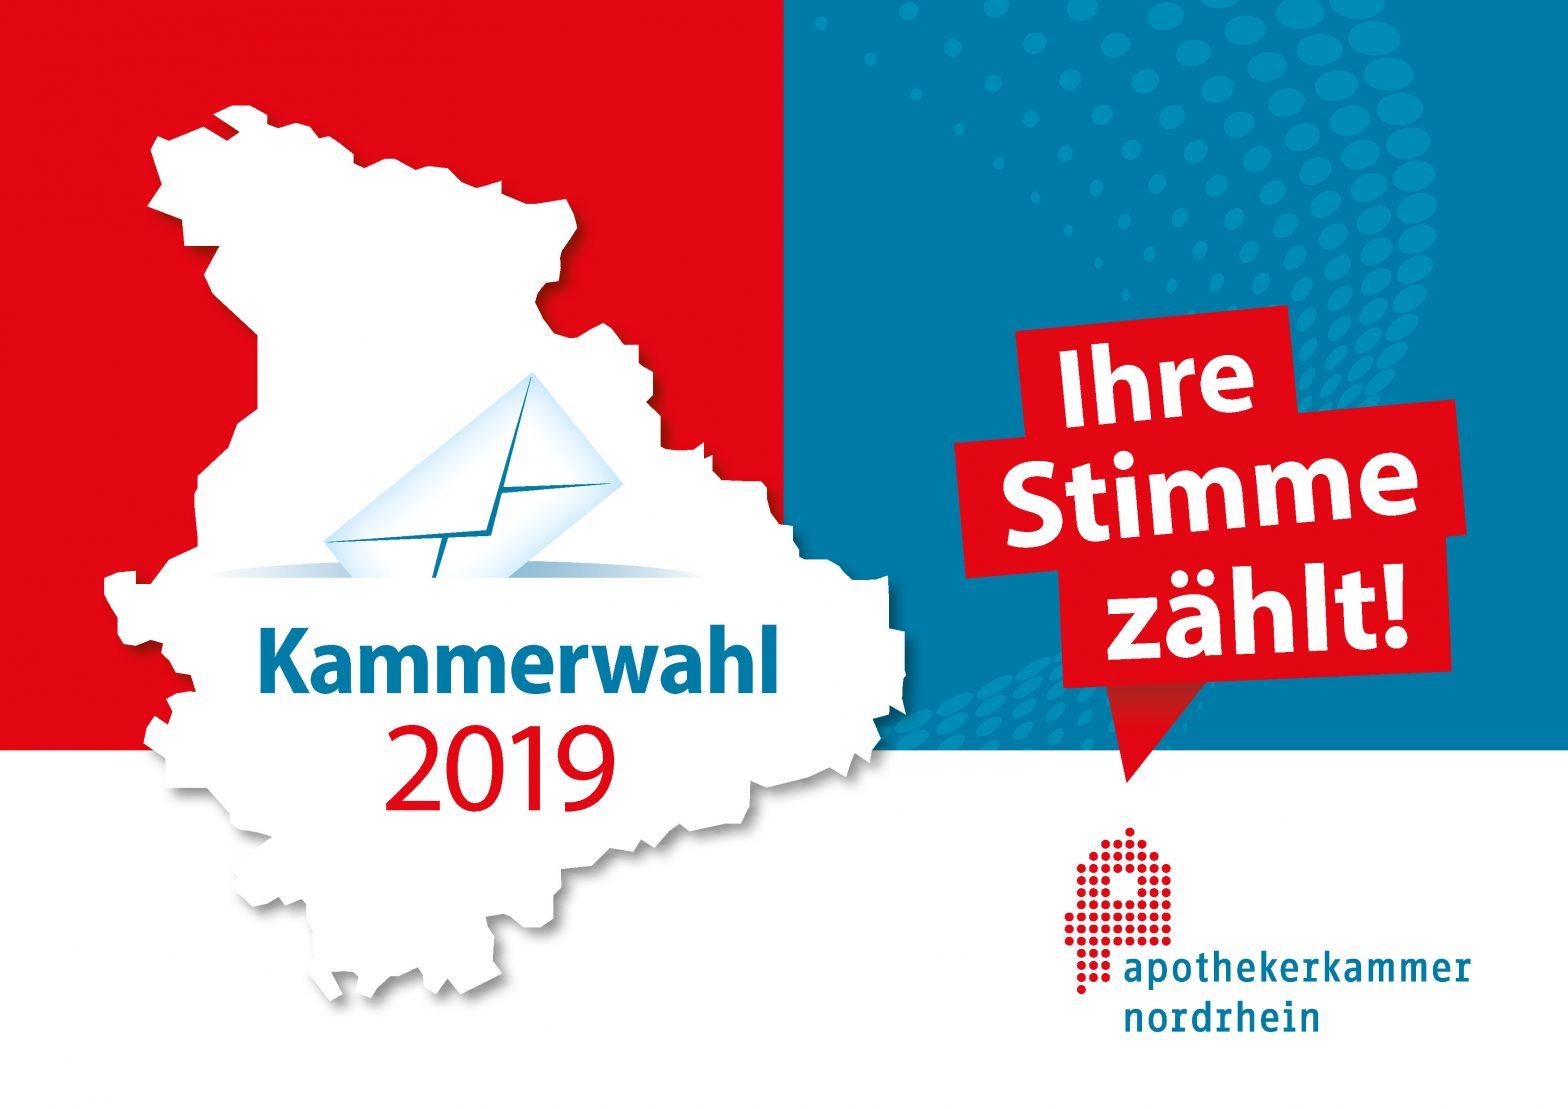 AK NR Kammerwahl 2019 - Ihre Stimme zählt